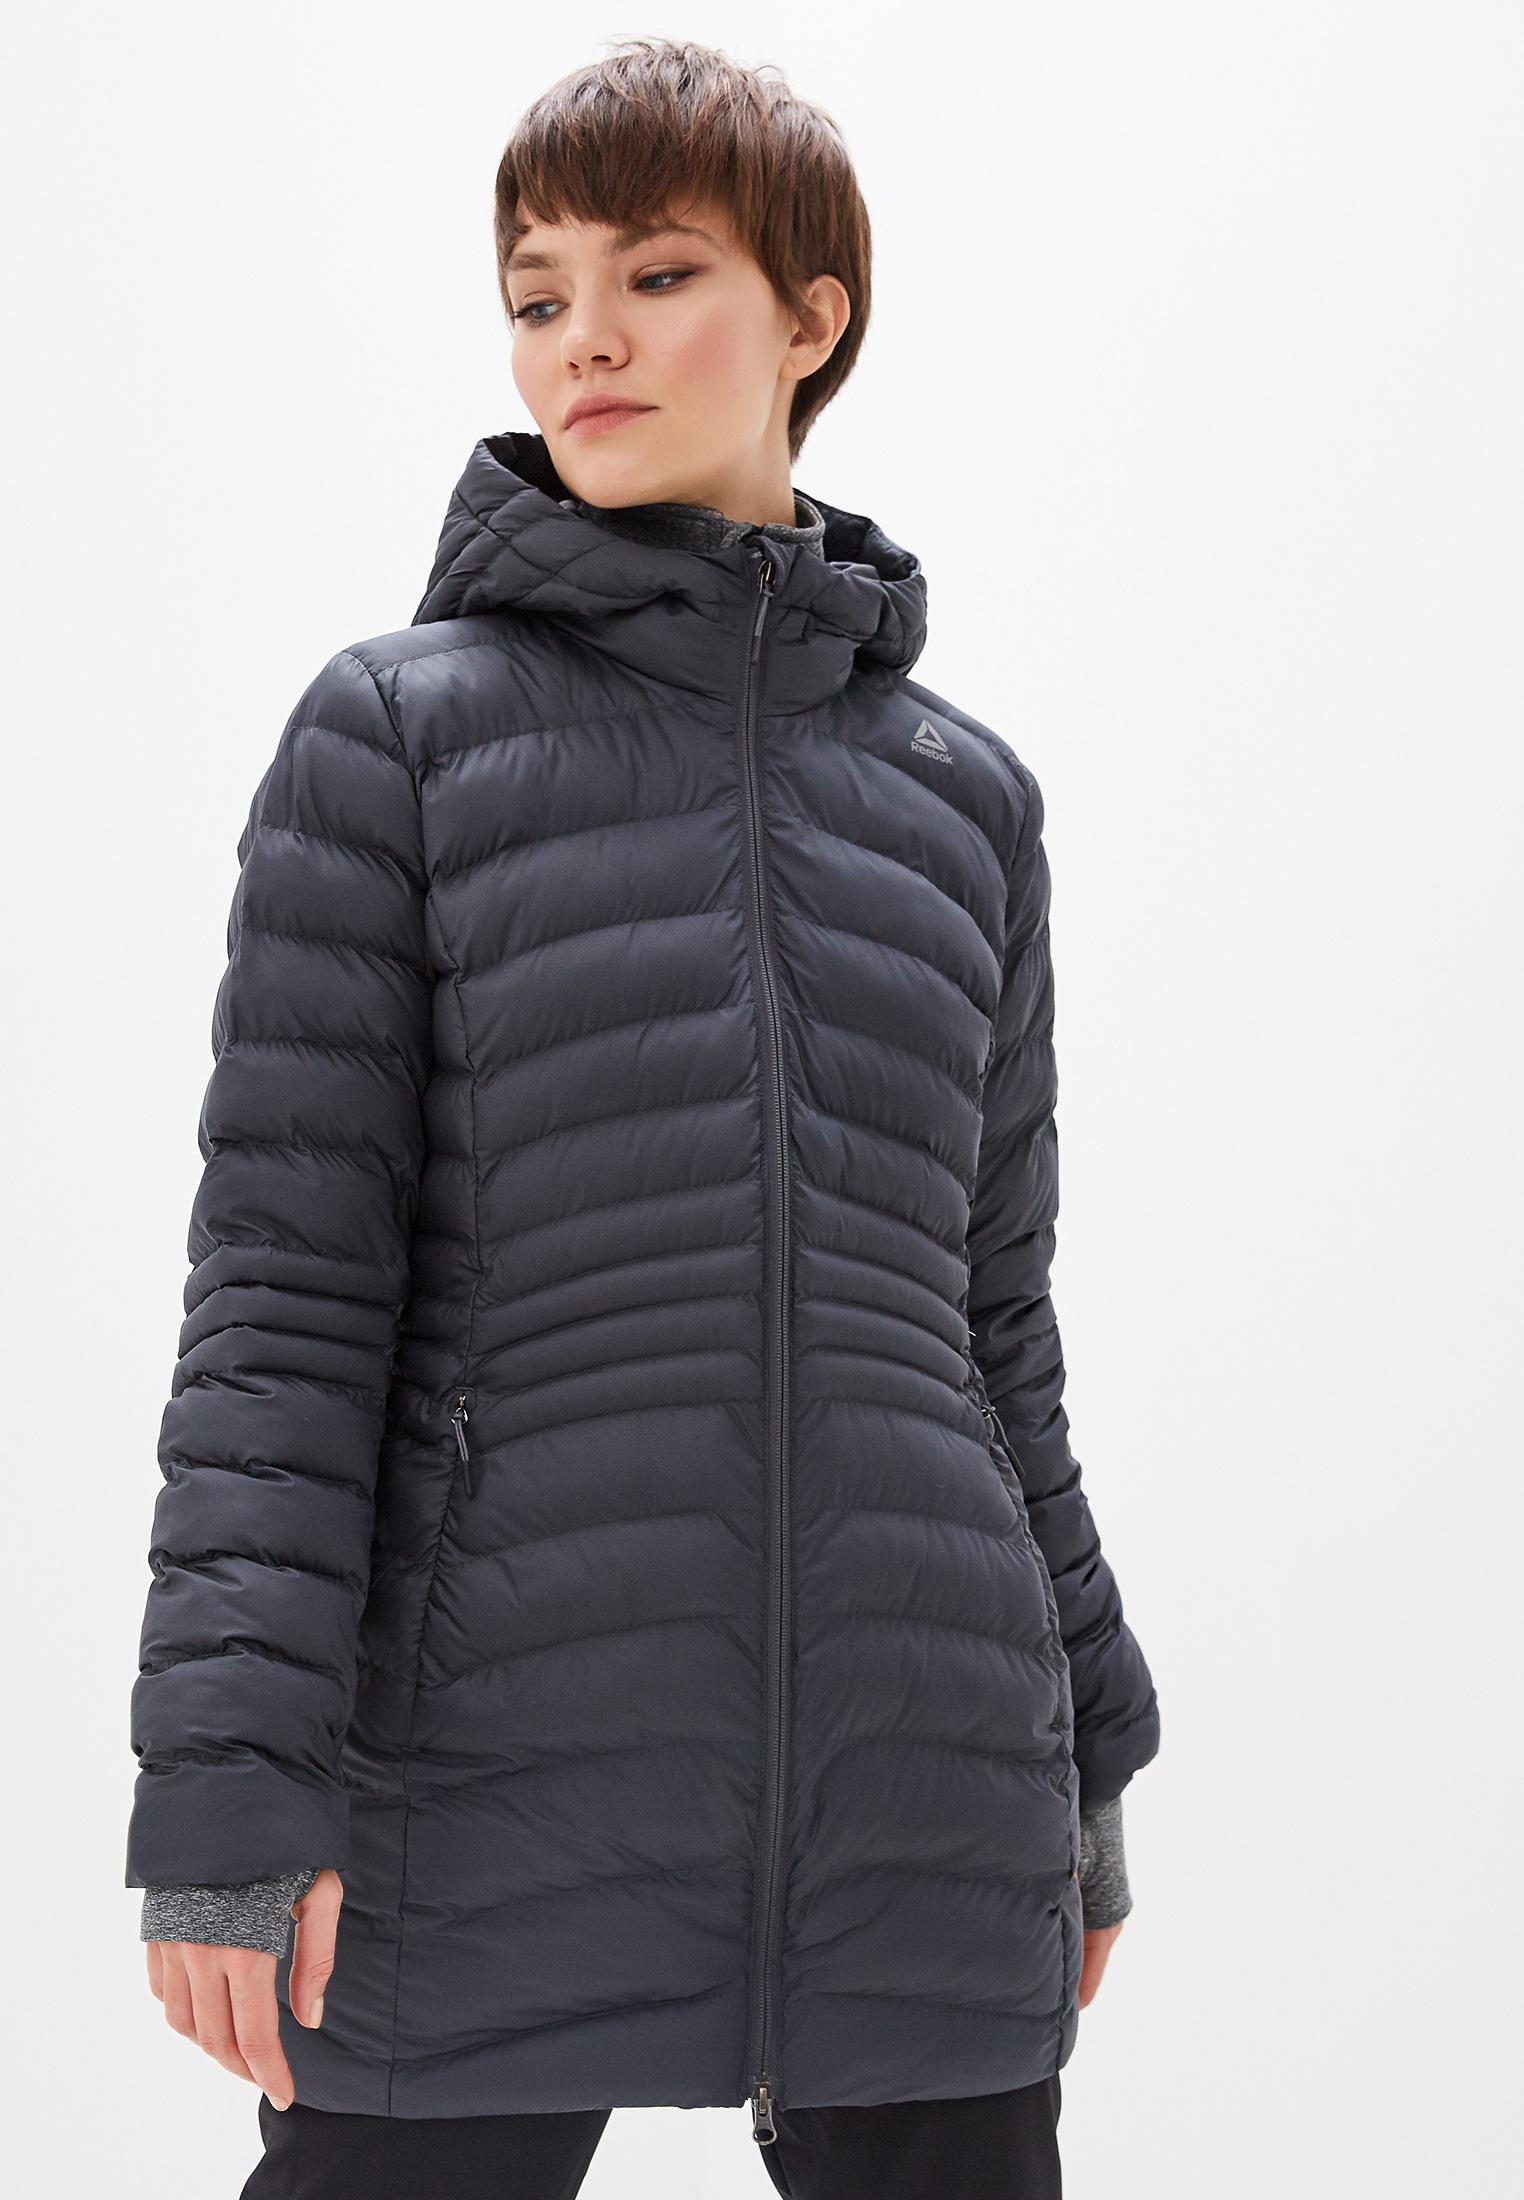 Куртка утепленная, Reebok, цвет: серый. Артикул: RE160EWFKMS3. Одежда / Верхняя одежда